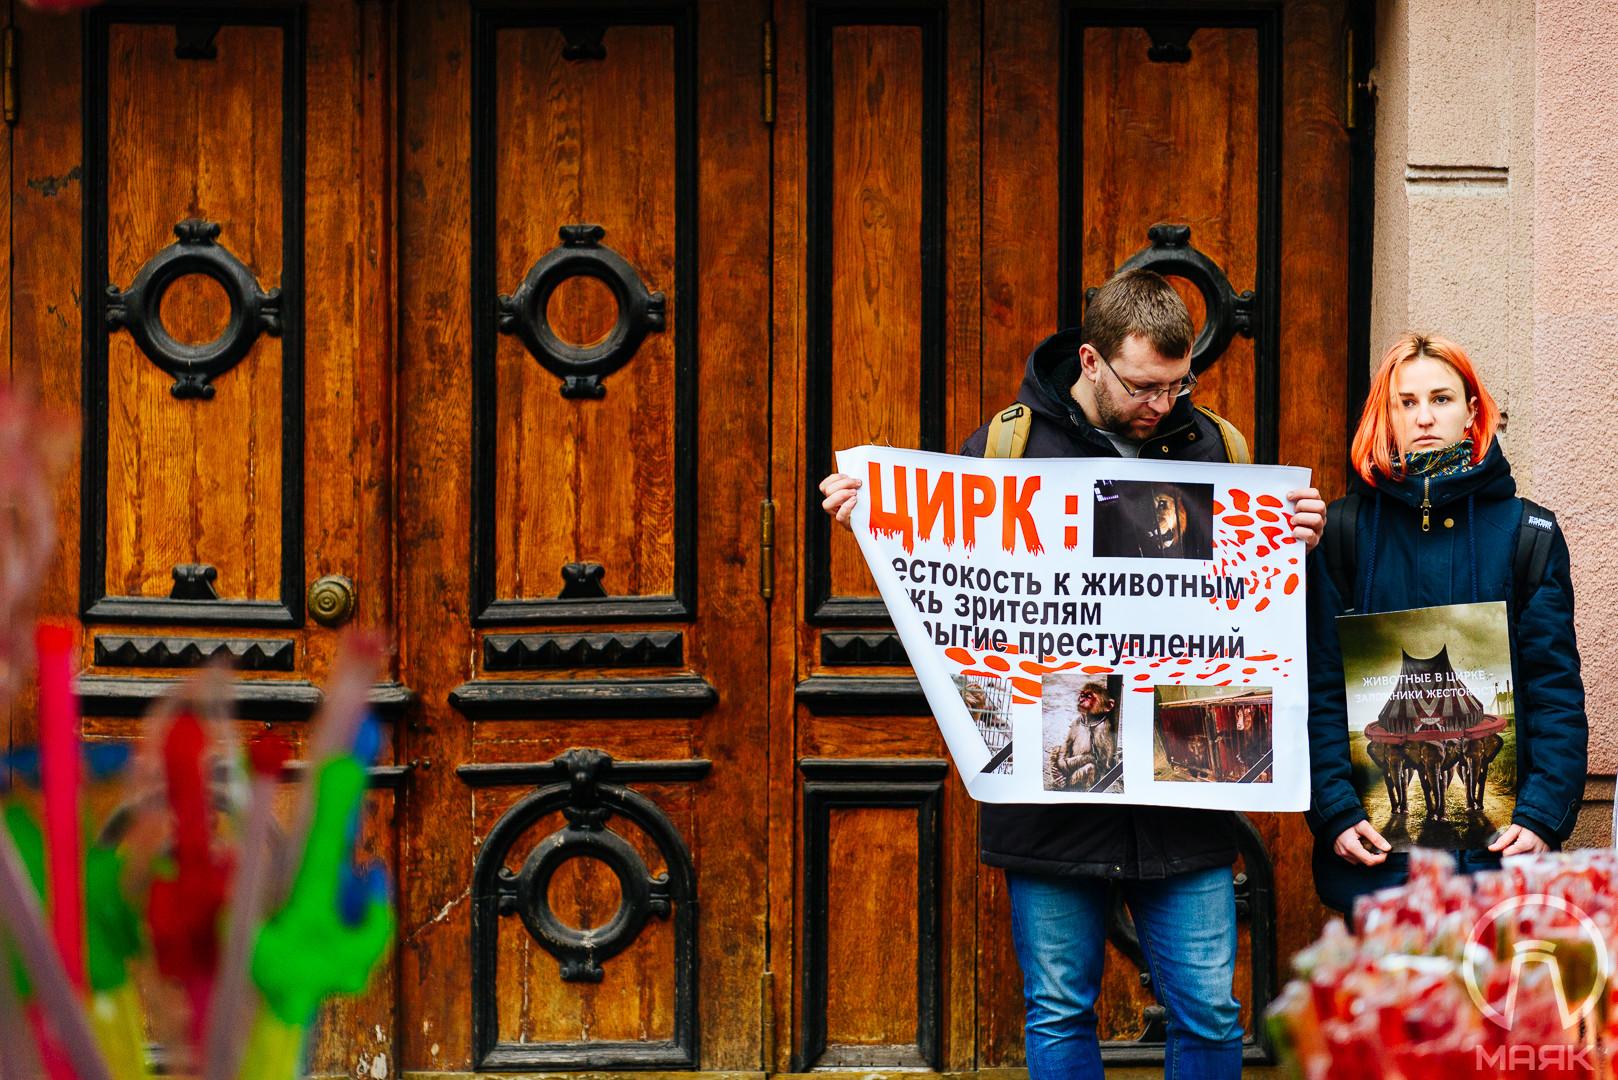 Одесские зоозащитники потребовали не спонсировать жестокость в цирке